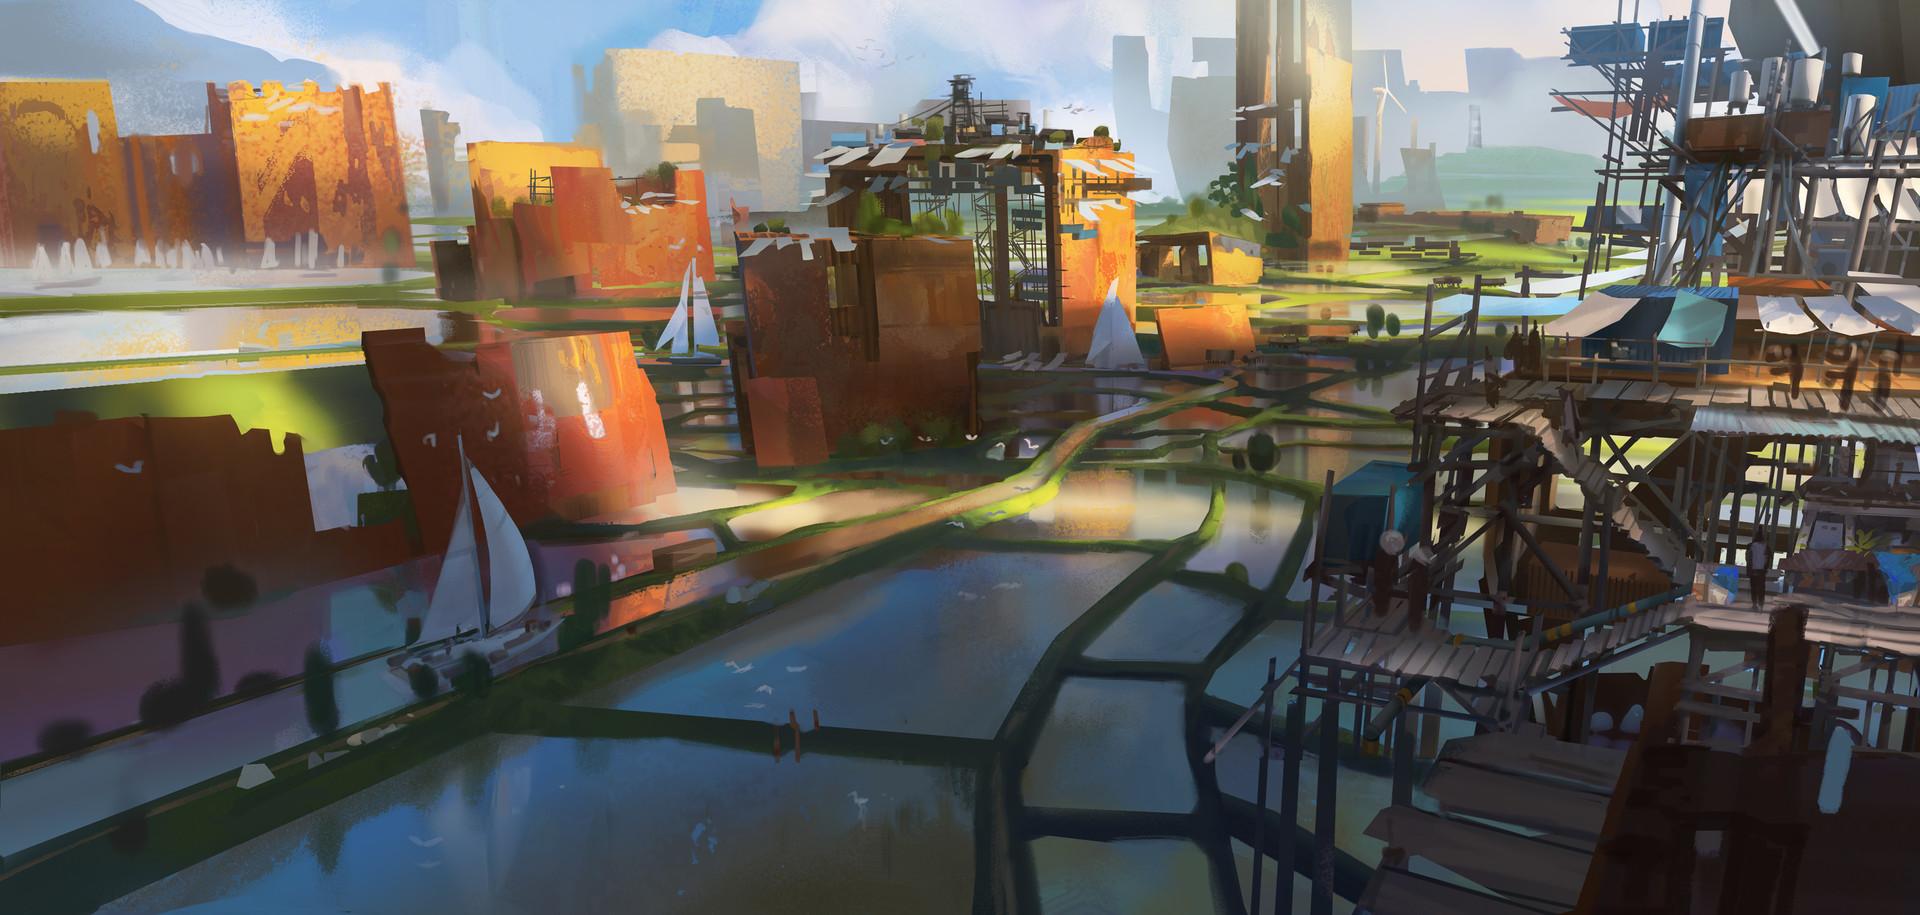 Adrien girod adrien girod shipbreak paddyfield valley 02 12 web